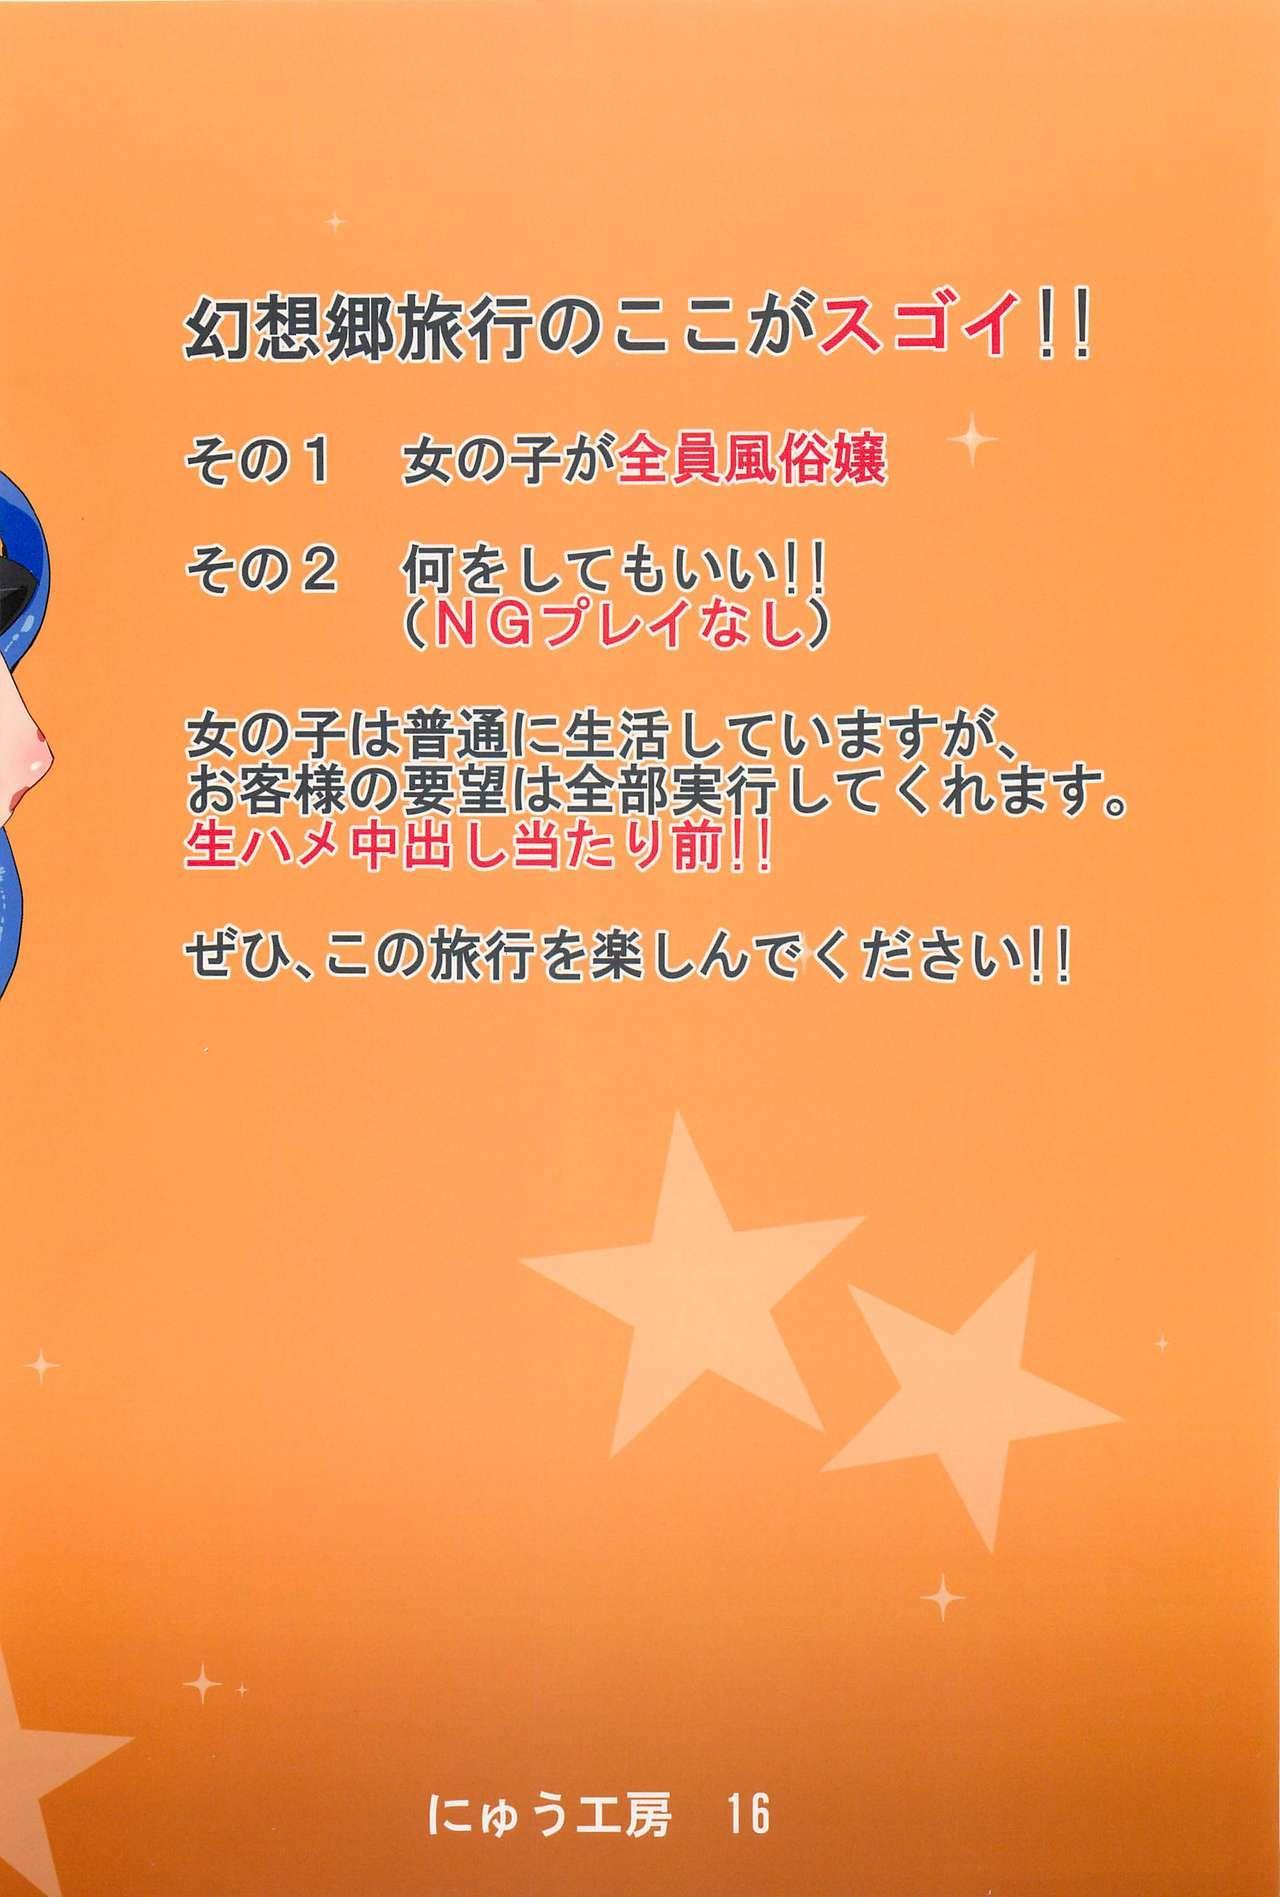 (C88) [Nyuu Koubou (Nyuu)] Oidemase!! Jiyuu Fuuzoku Gensoukyou 2-haku 3-kka no Tabi - Seiren (Touhou Project) [English] [Hong_Mei_Ling] 30